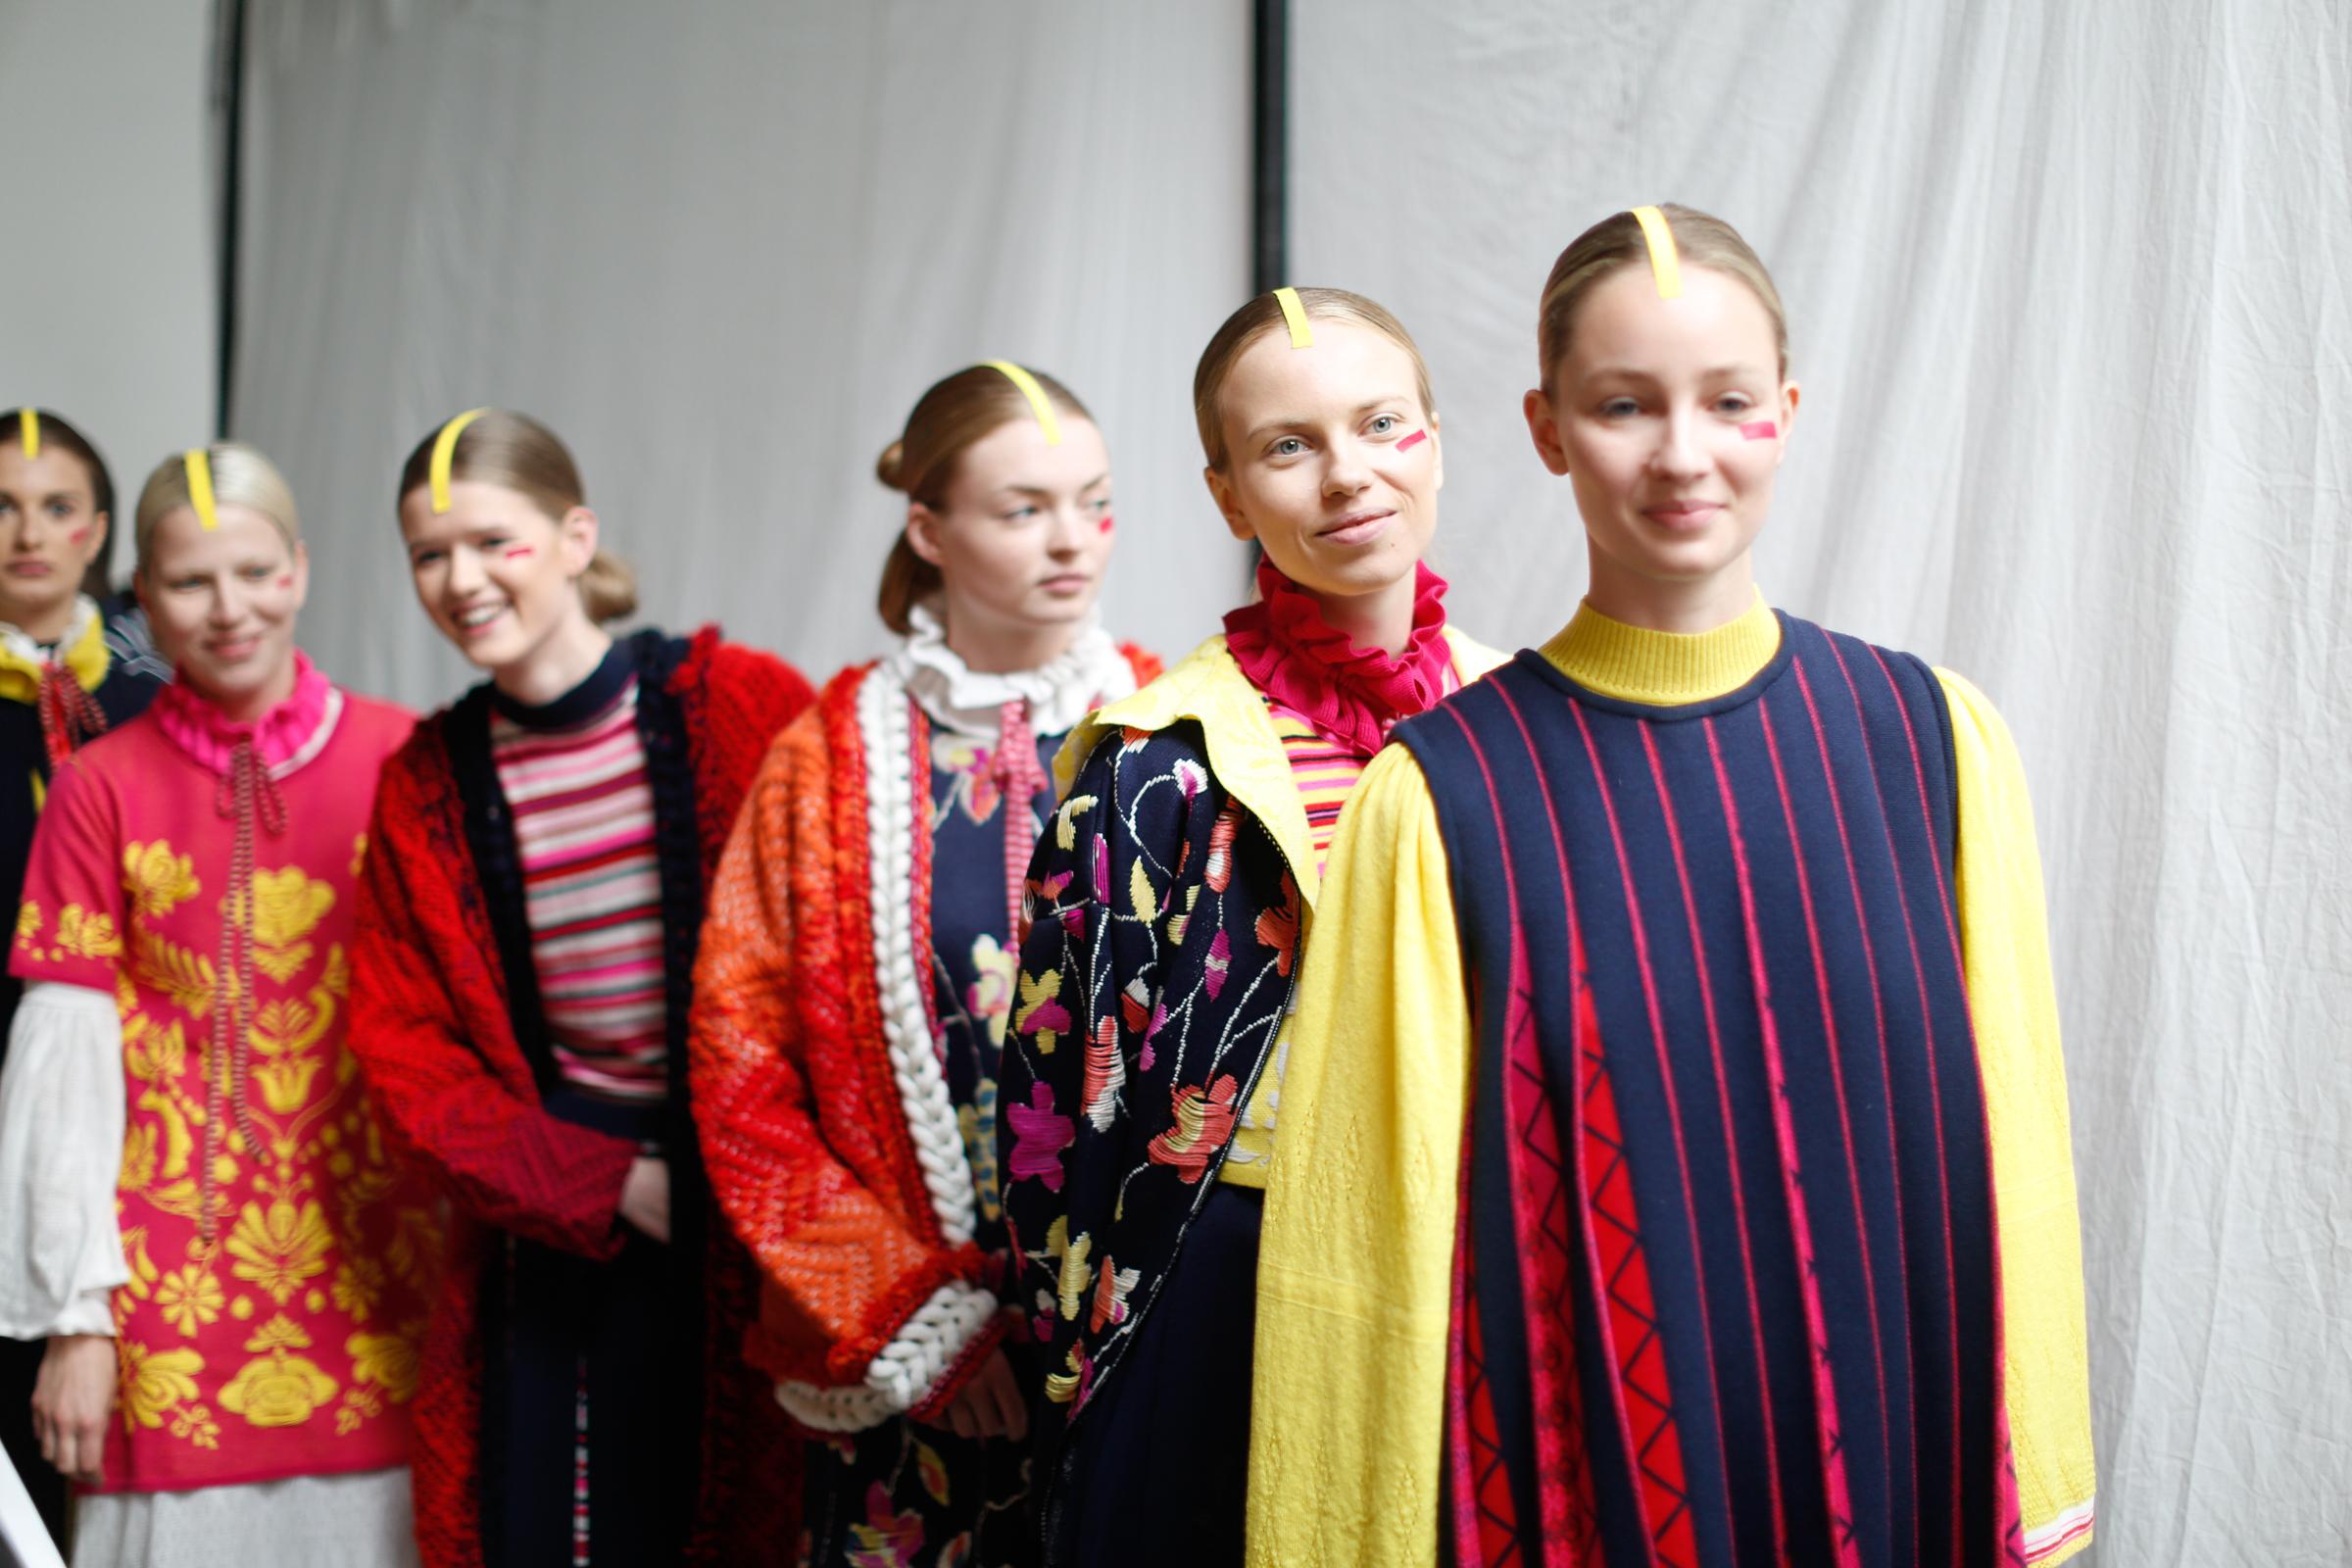 05-06 Nottingham Trent University Backstage images by Kathrin Werner 009.jpg